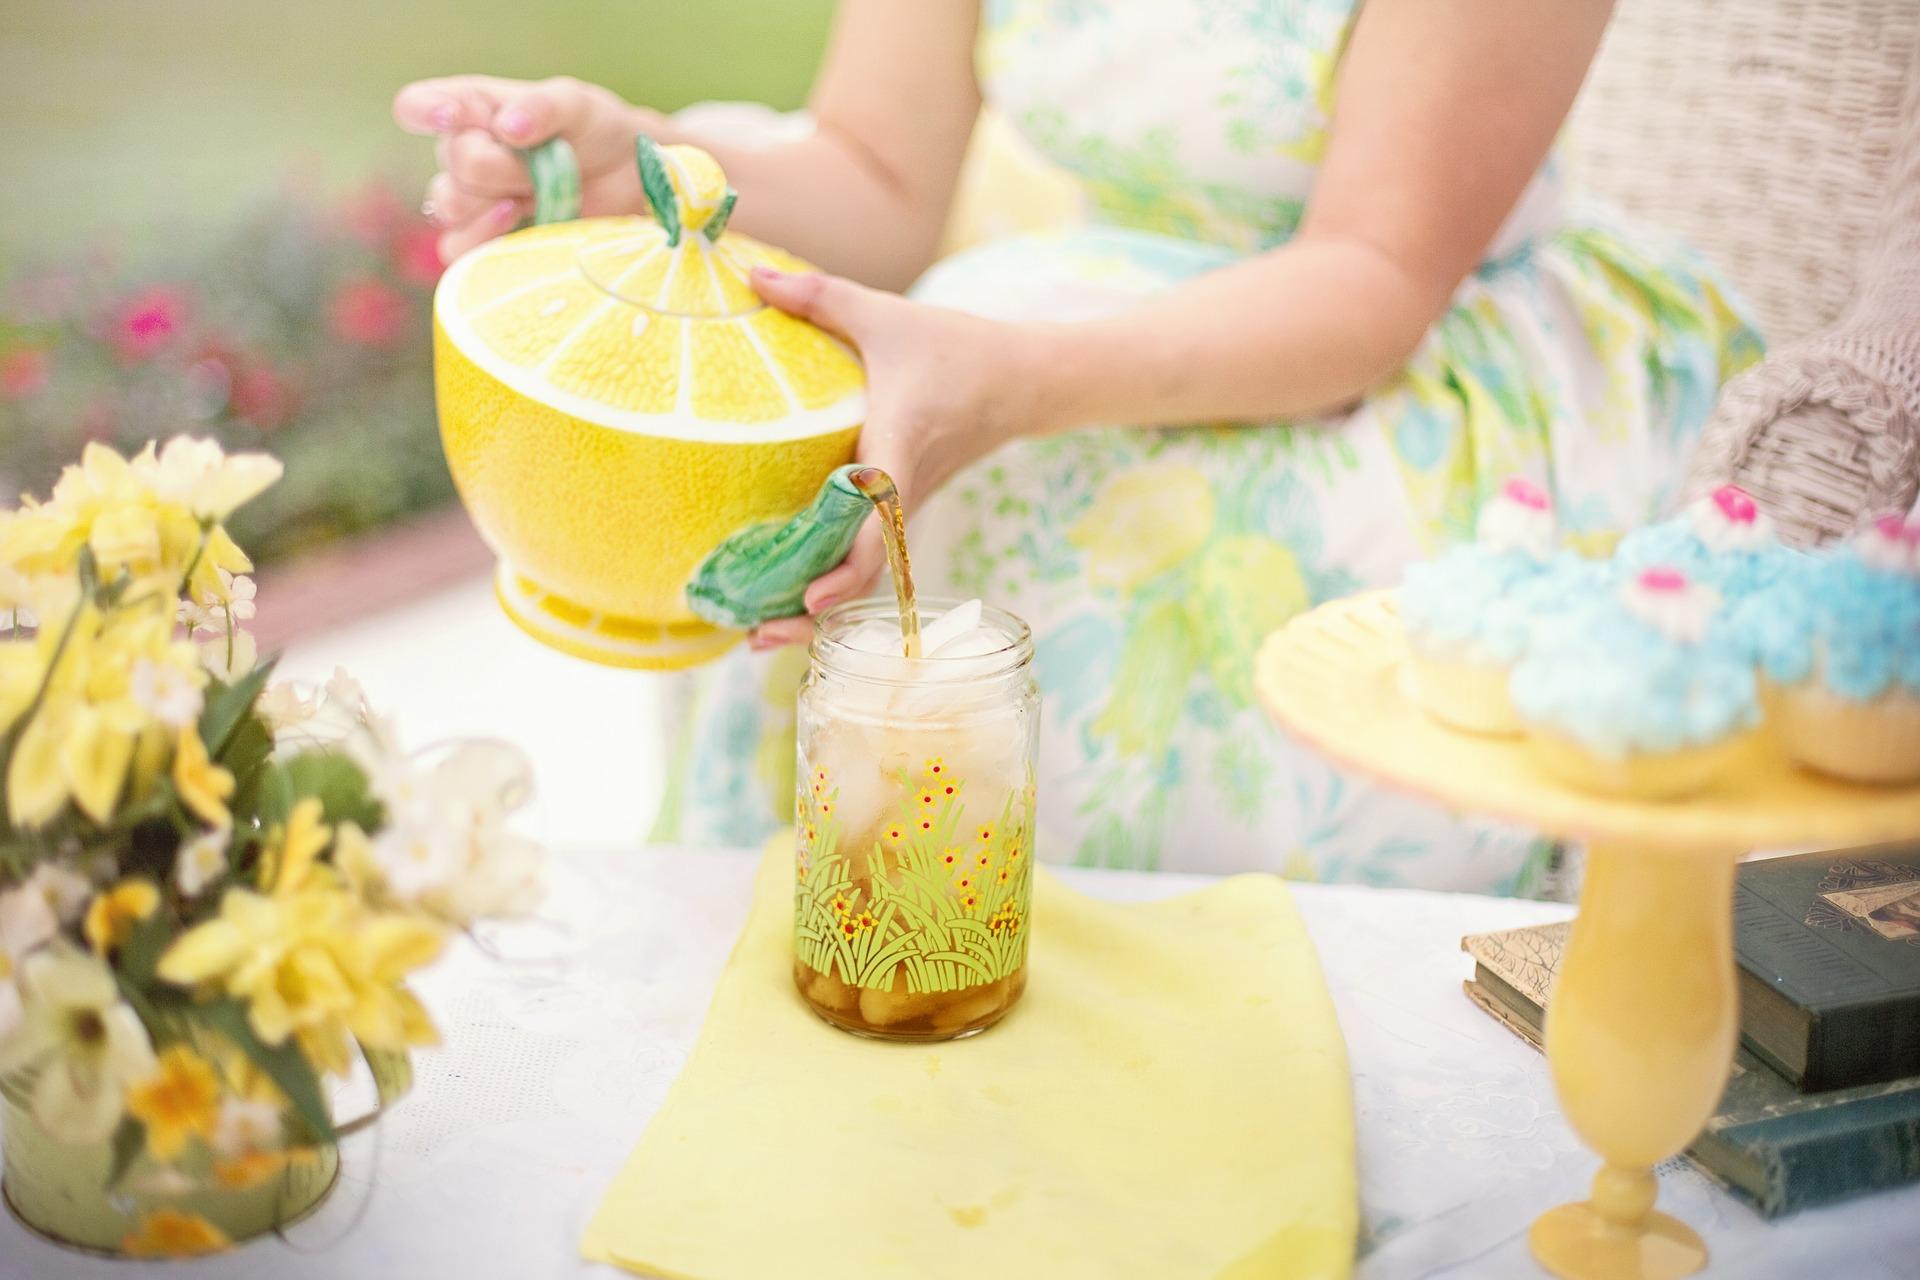 מסיבת תה ועוגיות